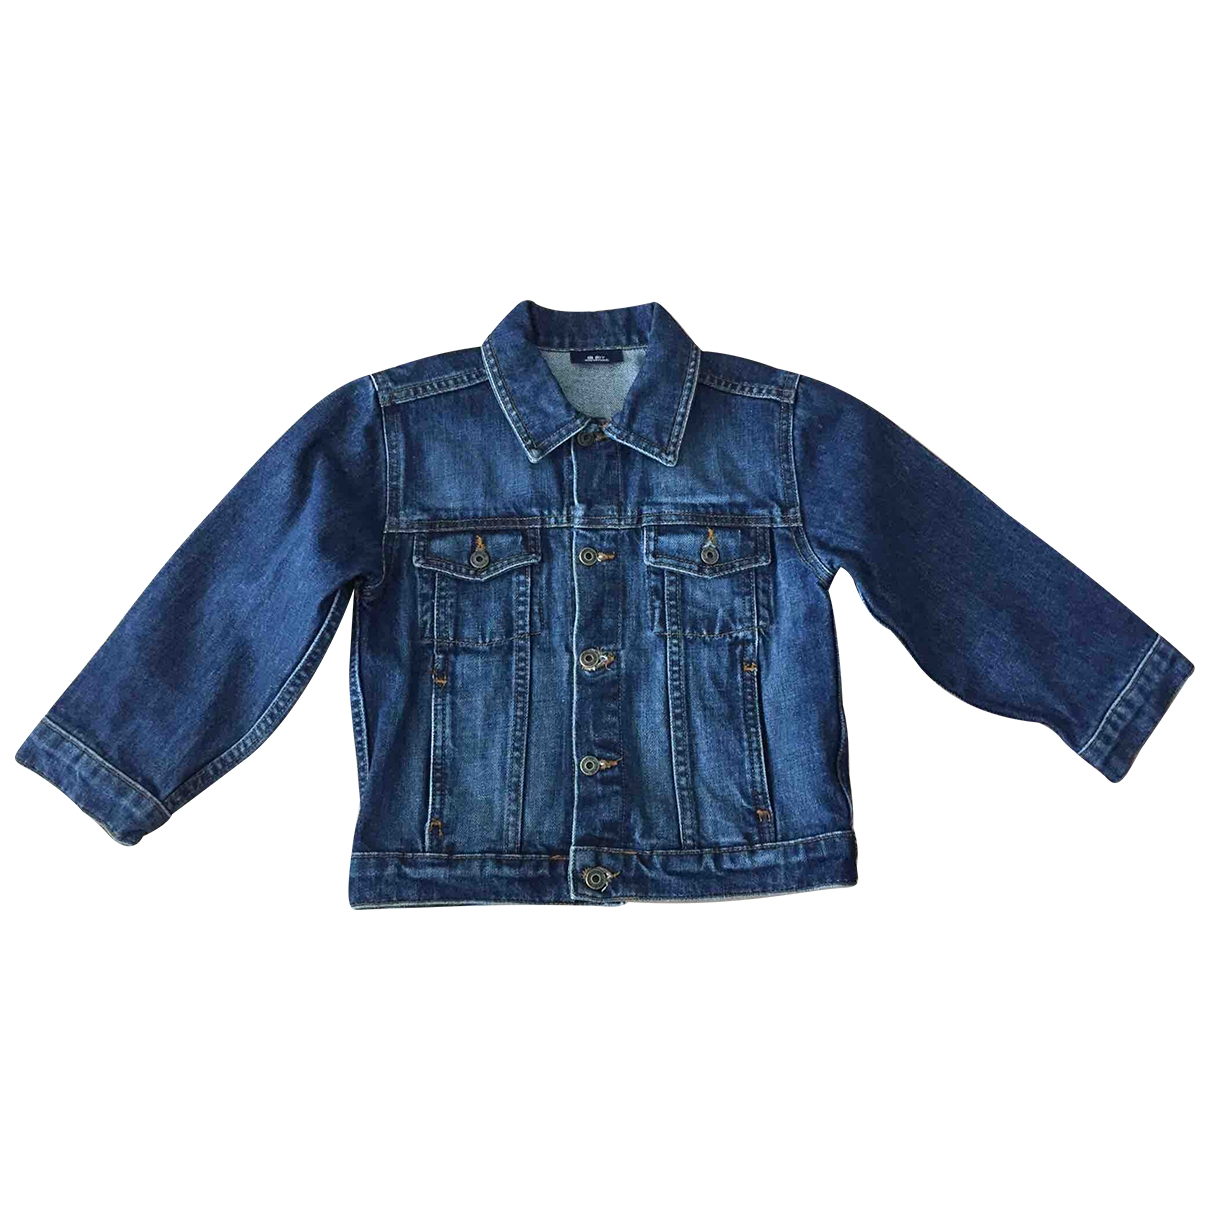 Zara \N Jacke, Maentel in  Blau Denim - Jeans